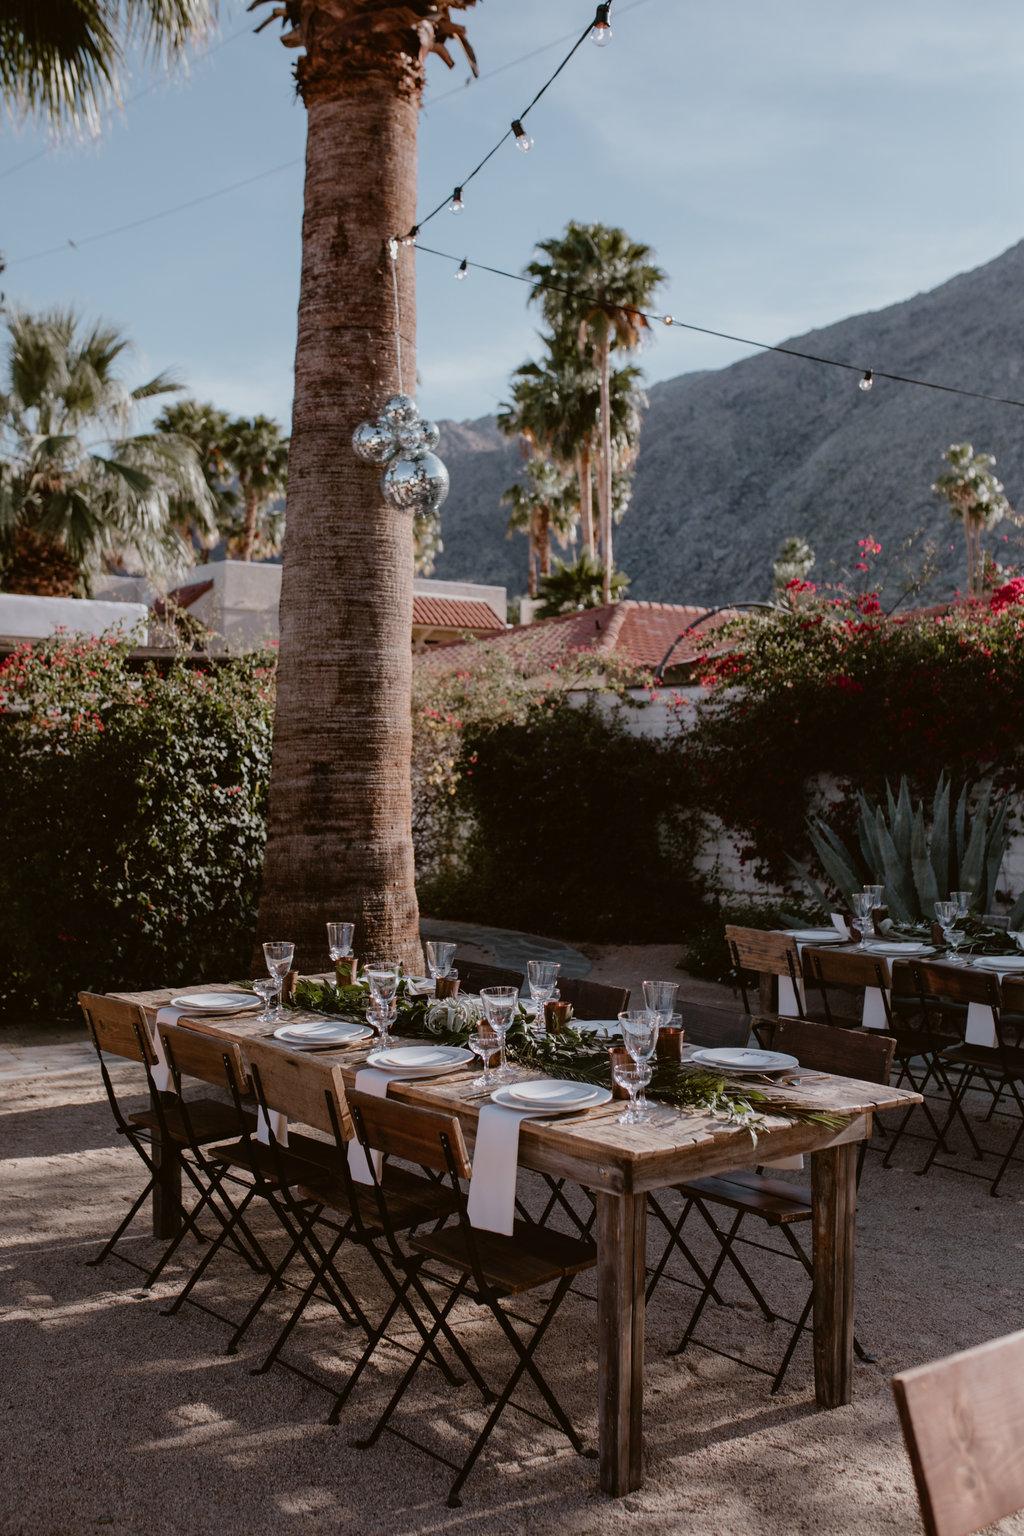 Korakia_Pension_Weddings_Palm_Springs_The_Gathering_Season054.JPG